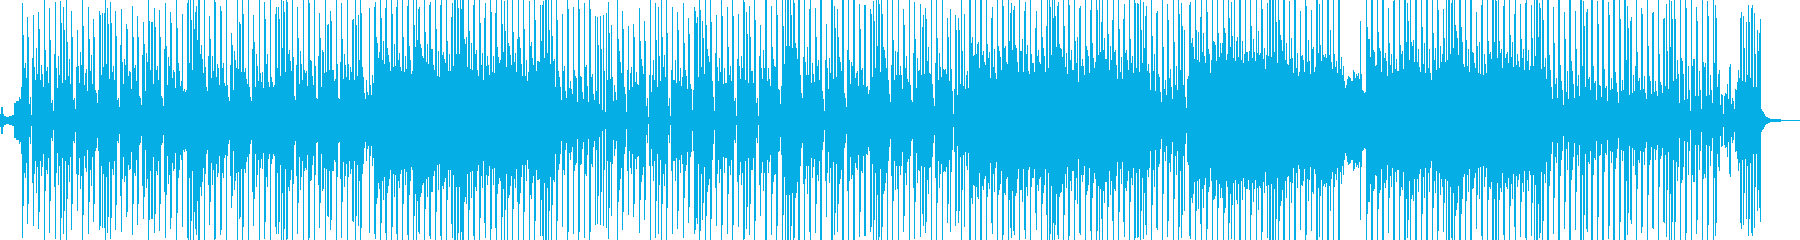 ビターエンドがテーマのスロウテクノ 長尺の再生済みの波形